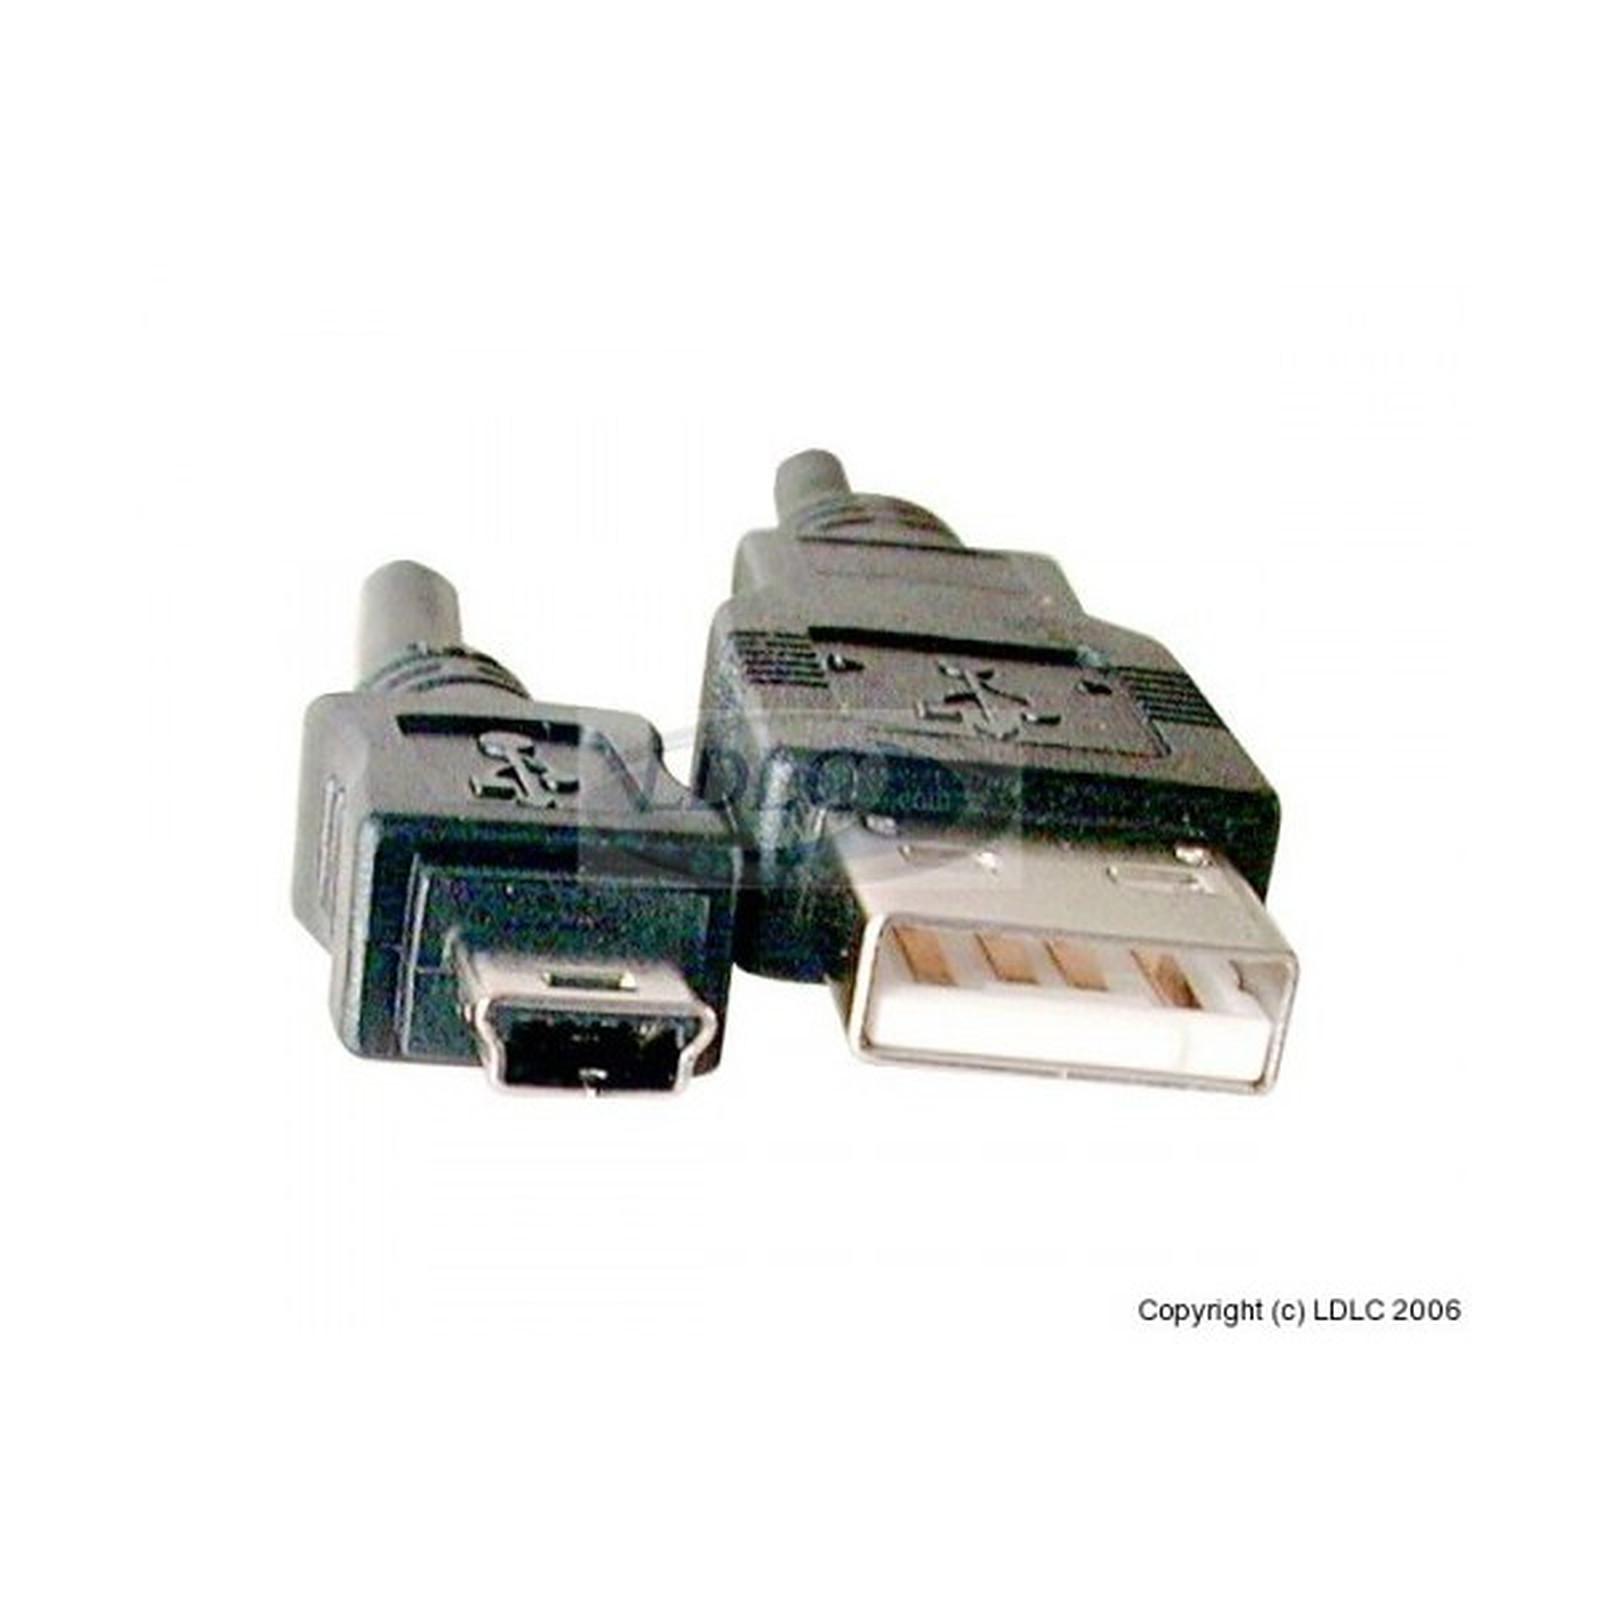 Câble USB 2.0 pour périphérique mini USB - 3 m